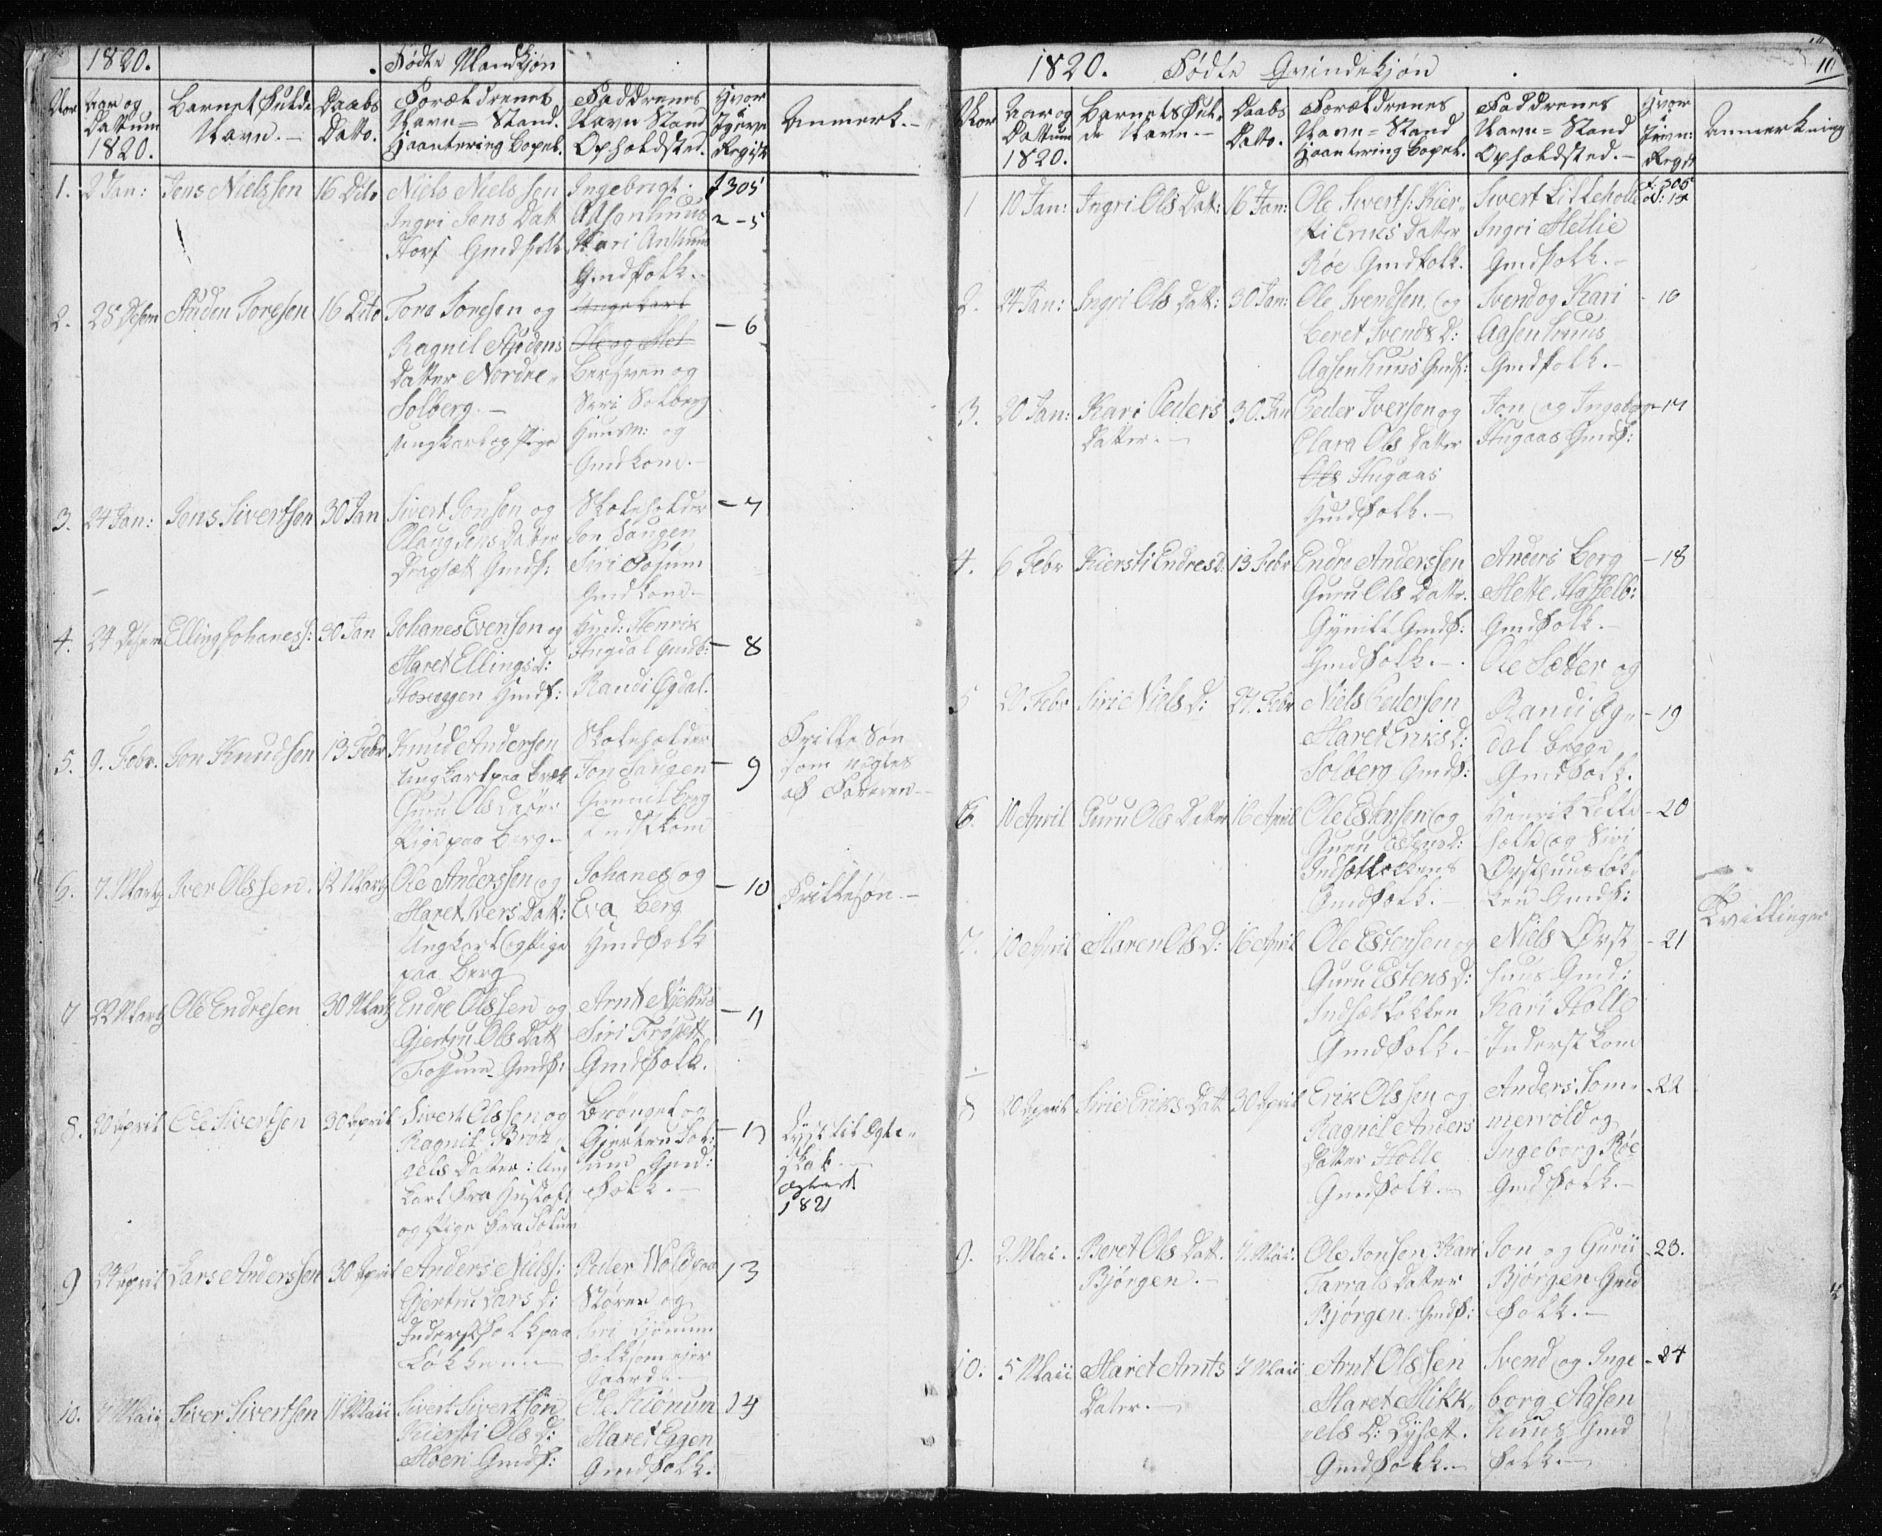 SAT, Ministerialprotokoller, klokkerbøker og fødselsregistre - Sør-Trøndelag, 689/L1043: Klokkerbok nr. 689C02, 1816-1892, s. 10